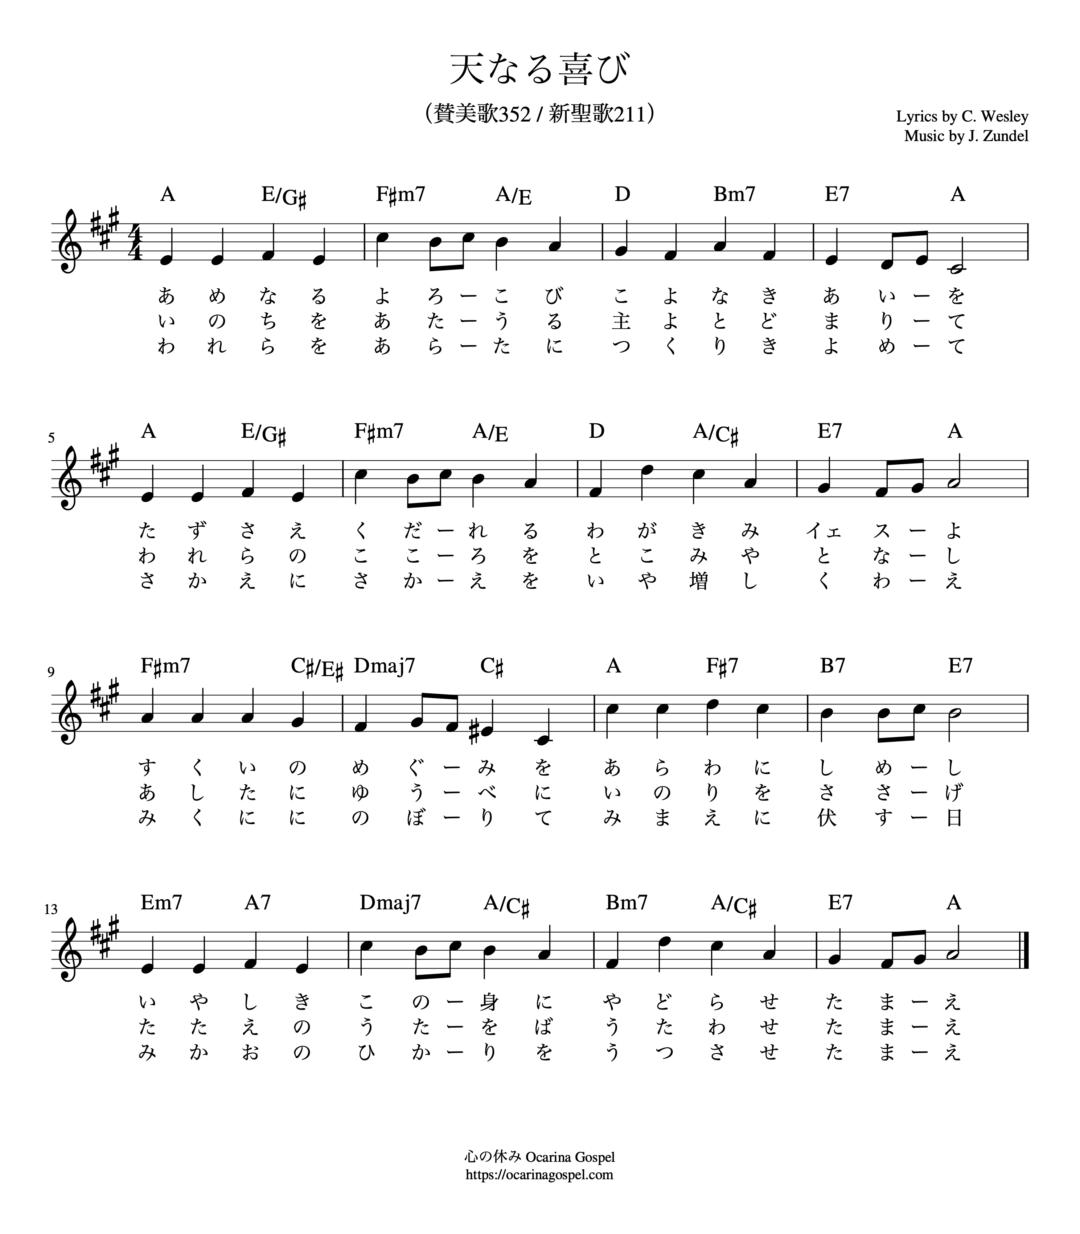 天なる喜び 楽譜 新聖歌